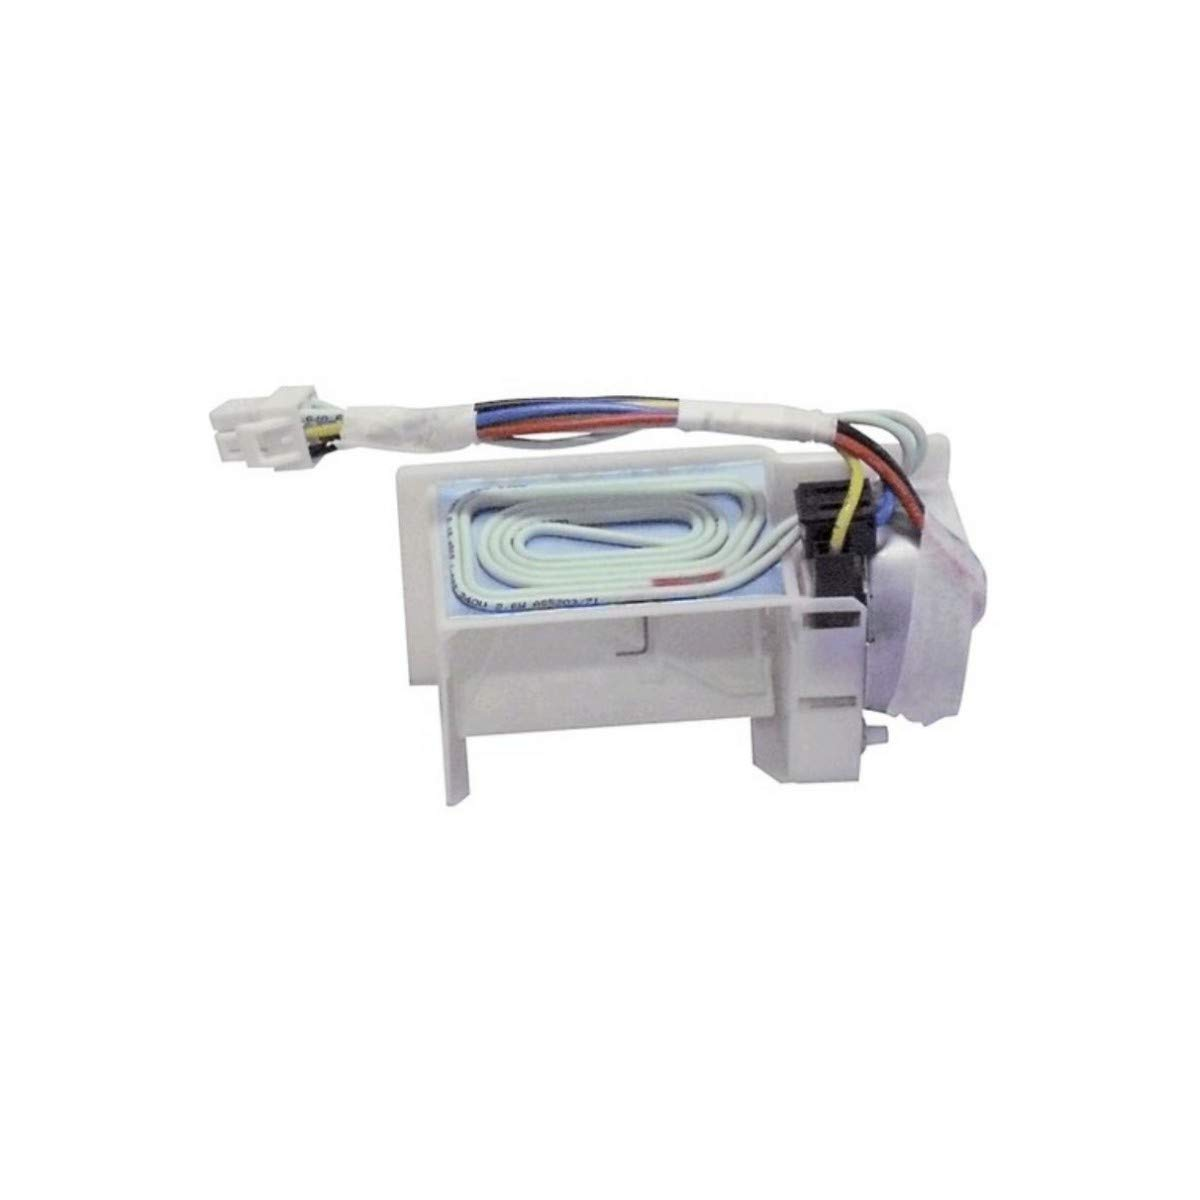 Recamania Sonda Temperatura frigorifico Combi Bosch KDN30A0001 ...